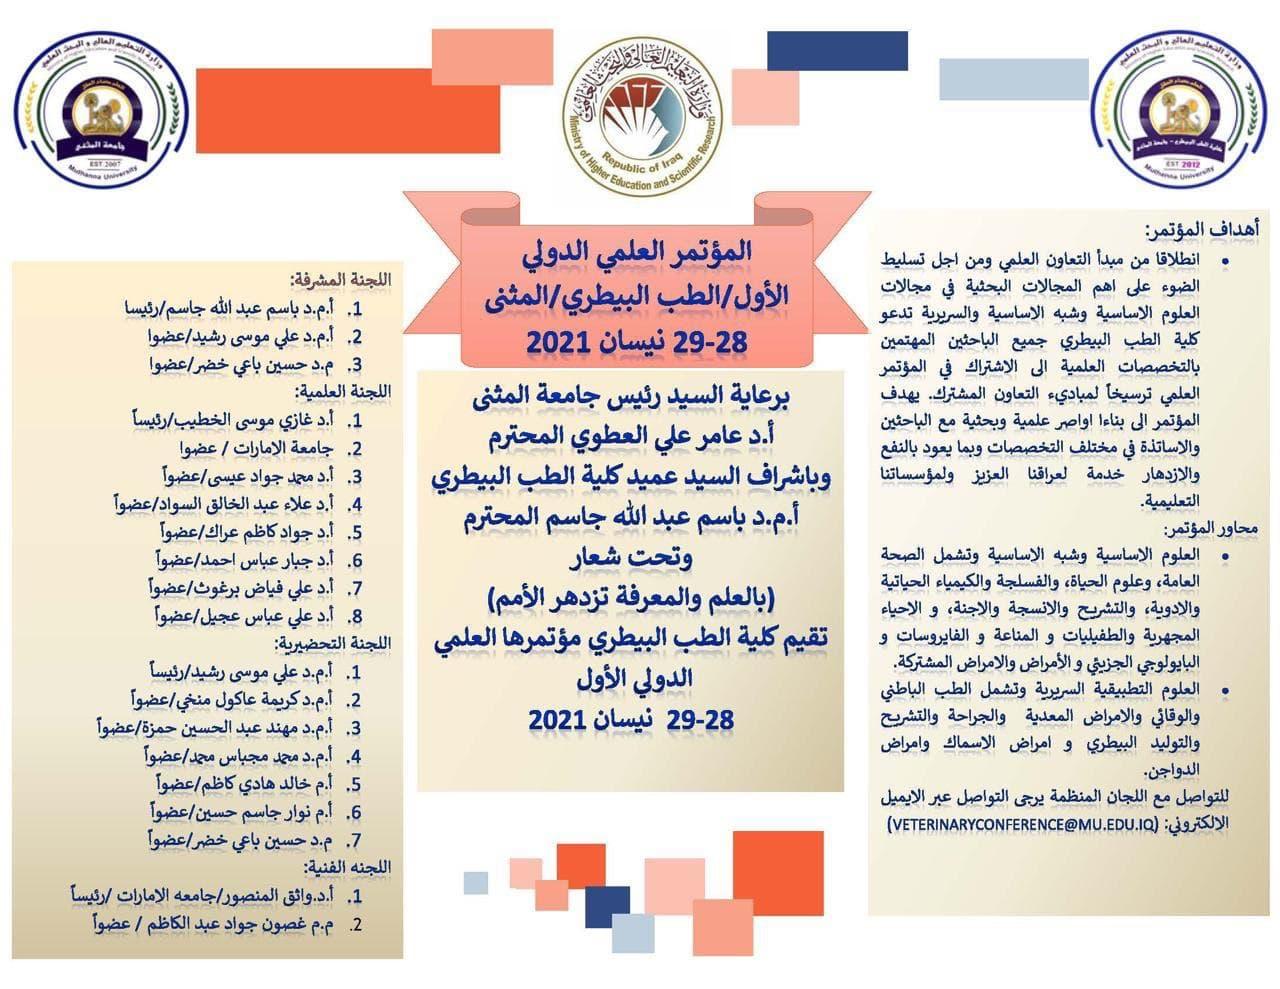 اعلان / دعوة للمشاركة في المؤتمر العلمي الدولي الاول/ الطب البيطري / المثنى ( 28- 29 نيسان 2021 )